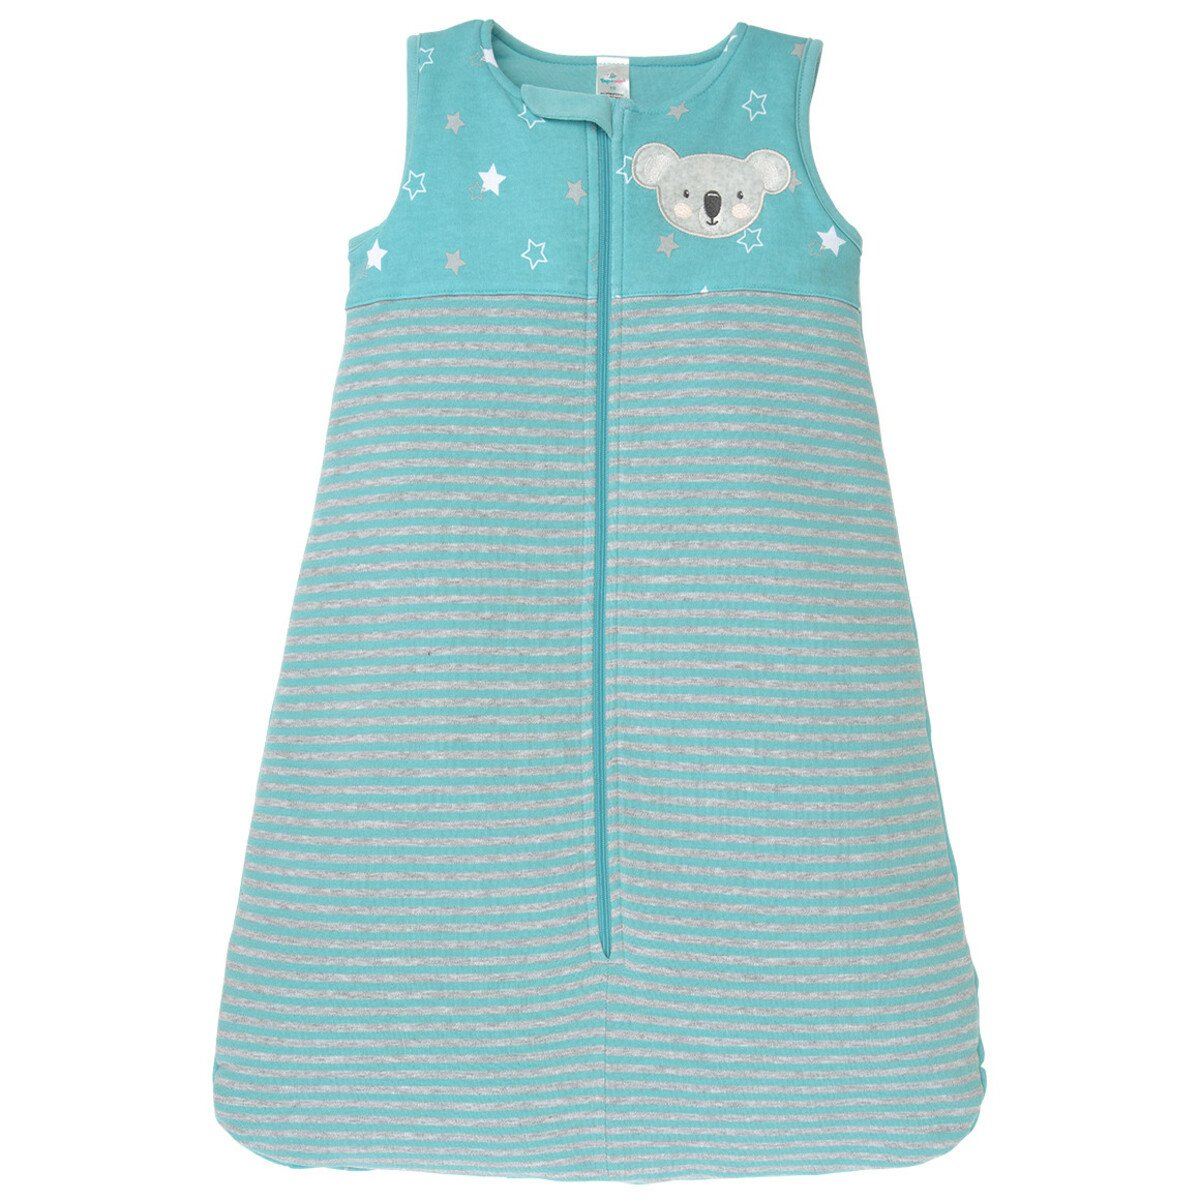 Bild 1 von Baby Winter-Schlafsack mit Reißverschluss